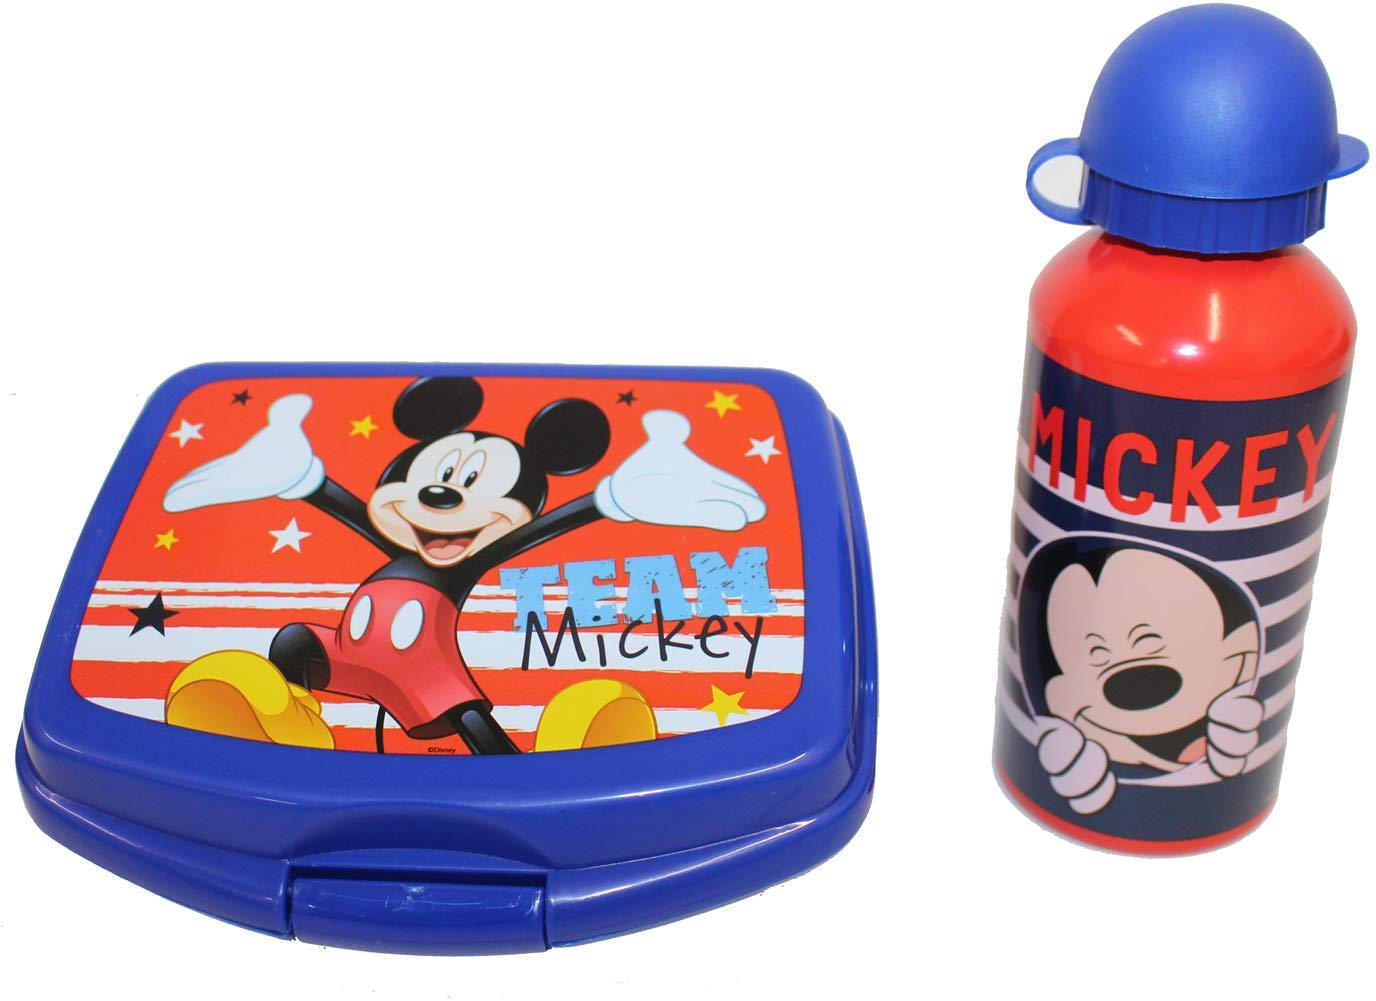 Disney Micky Maus Brotdose Aluminium Trinkflasche Frühstück Set Cartoons & Comics